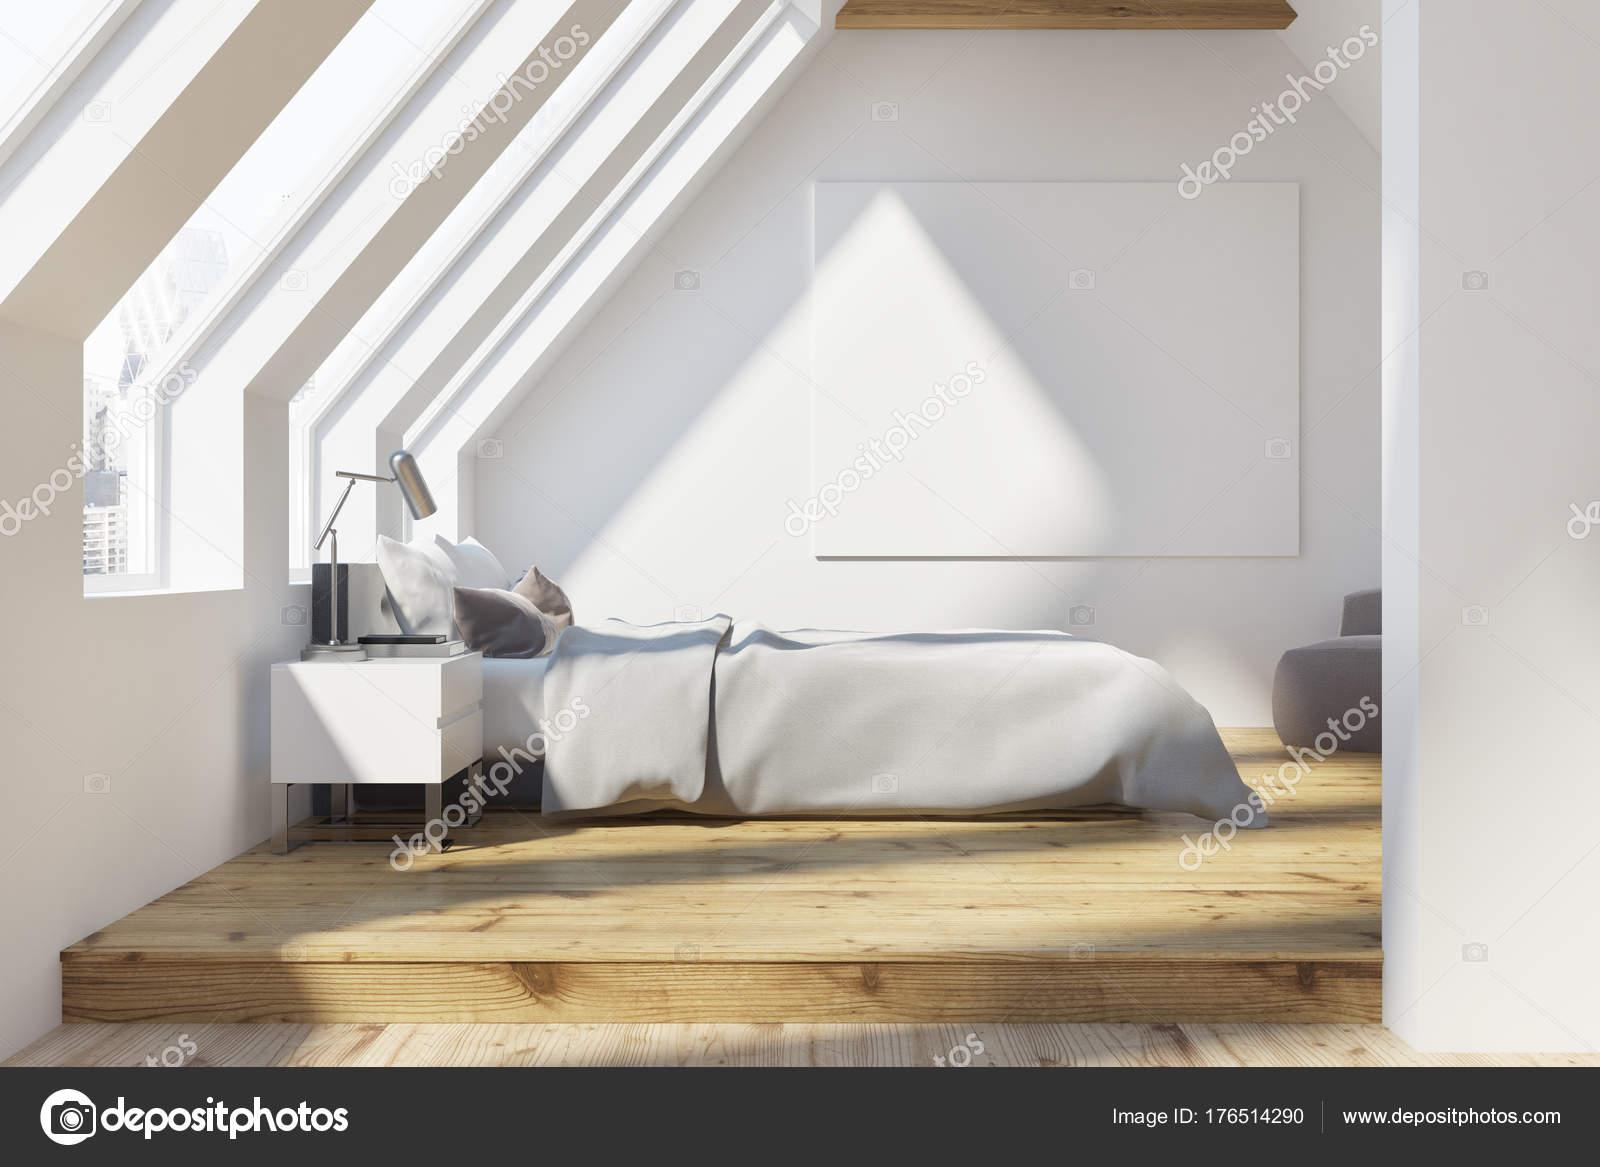 Slaapkamer Houten Vloer : Witte zolder slaapkamer houten vloer poster u stockfoto